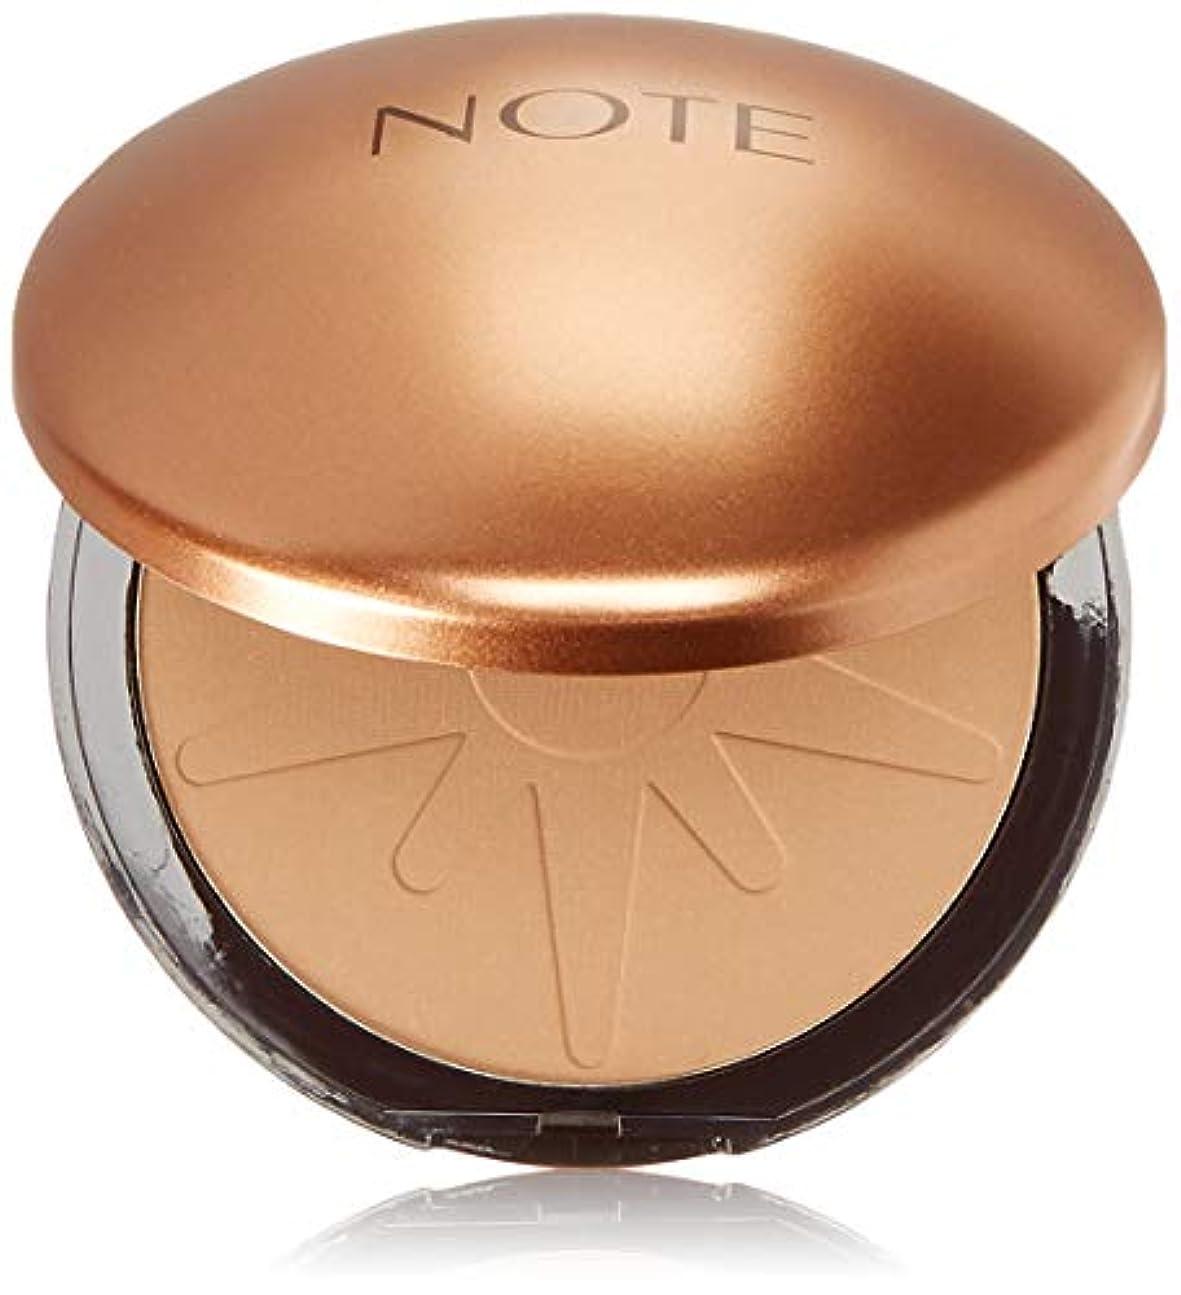 微弱破滅傷つけるNOTE Cosmetics ブロンジングパウダー、1.1オンス 10号